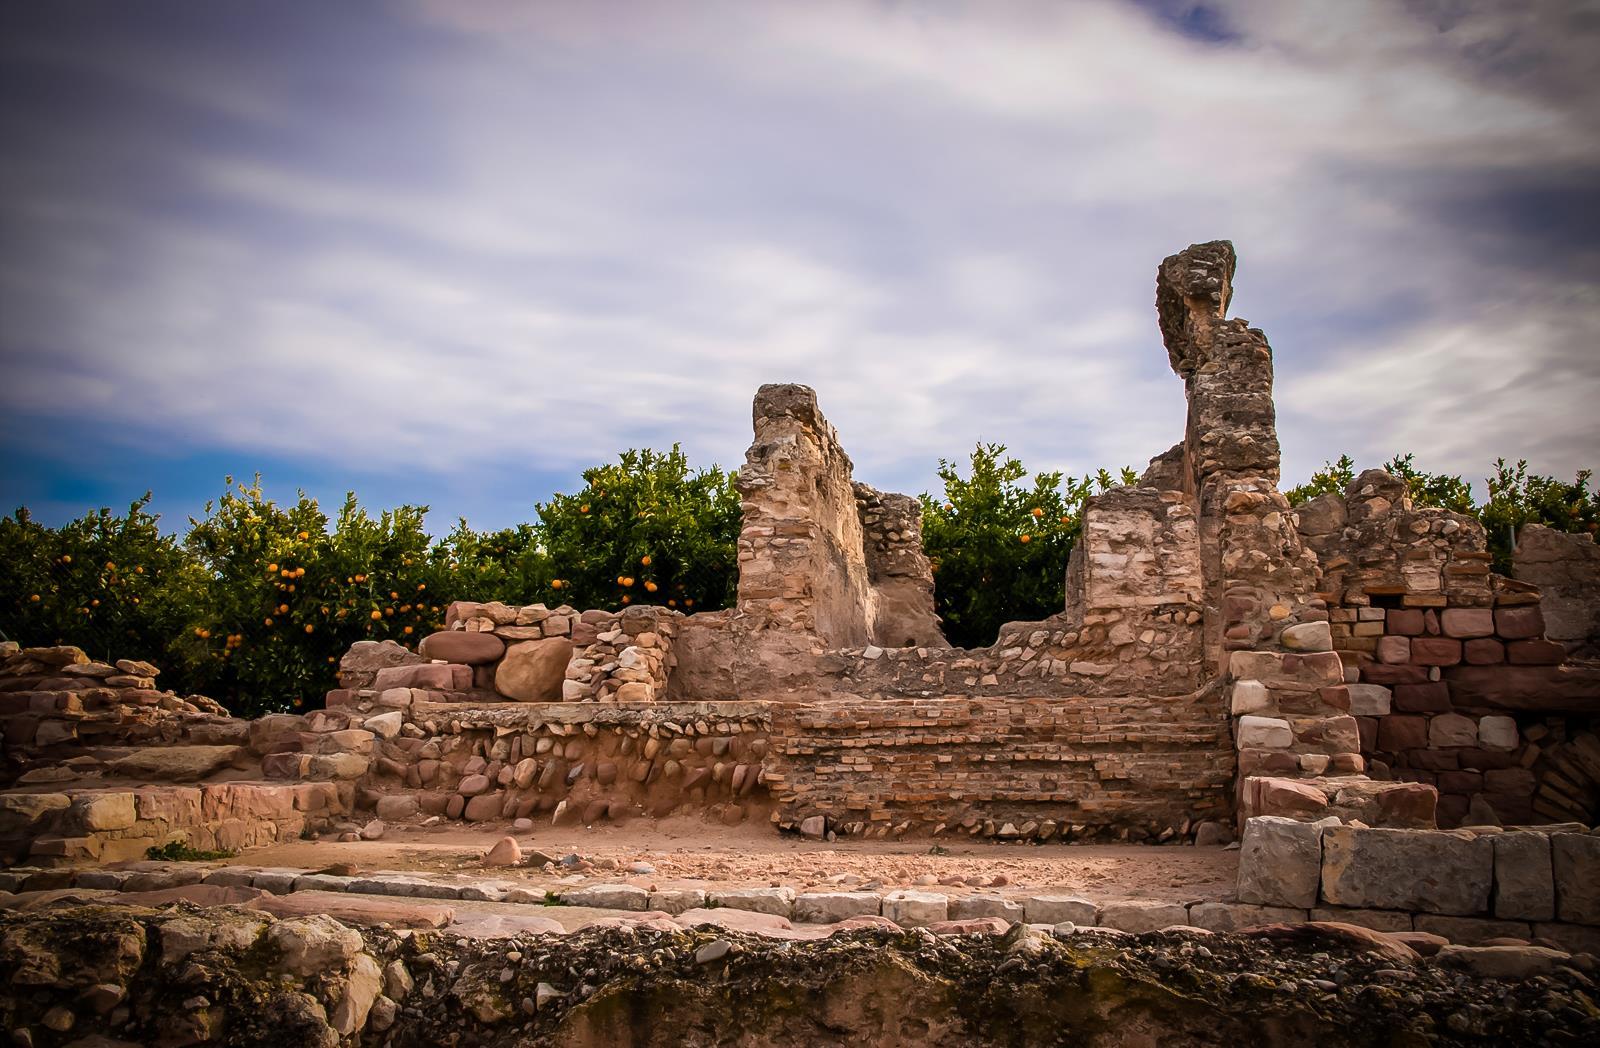 Les rutes guiades als jaciments arqueològics tornen a l'octubre